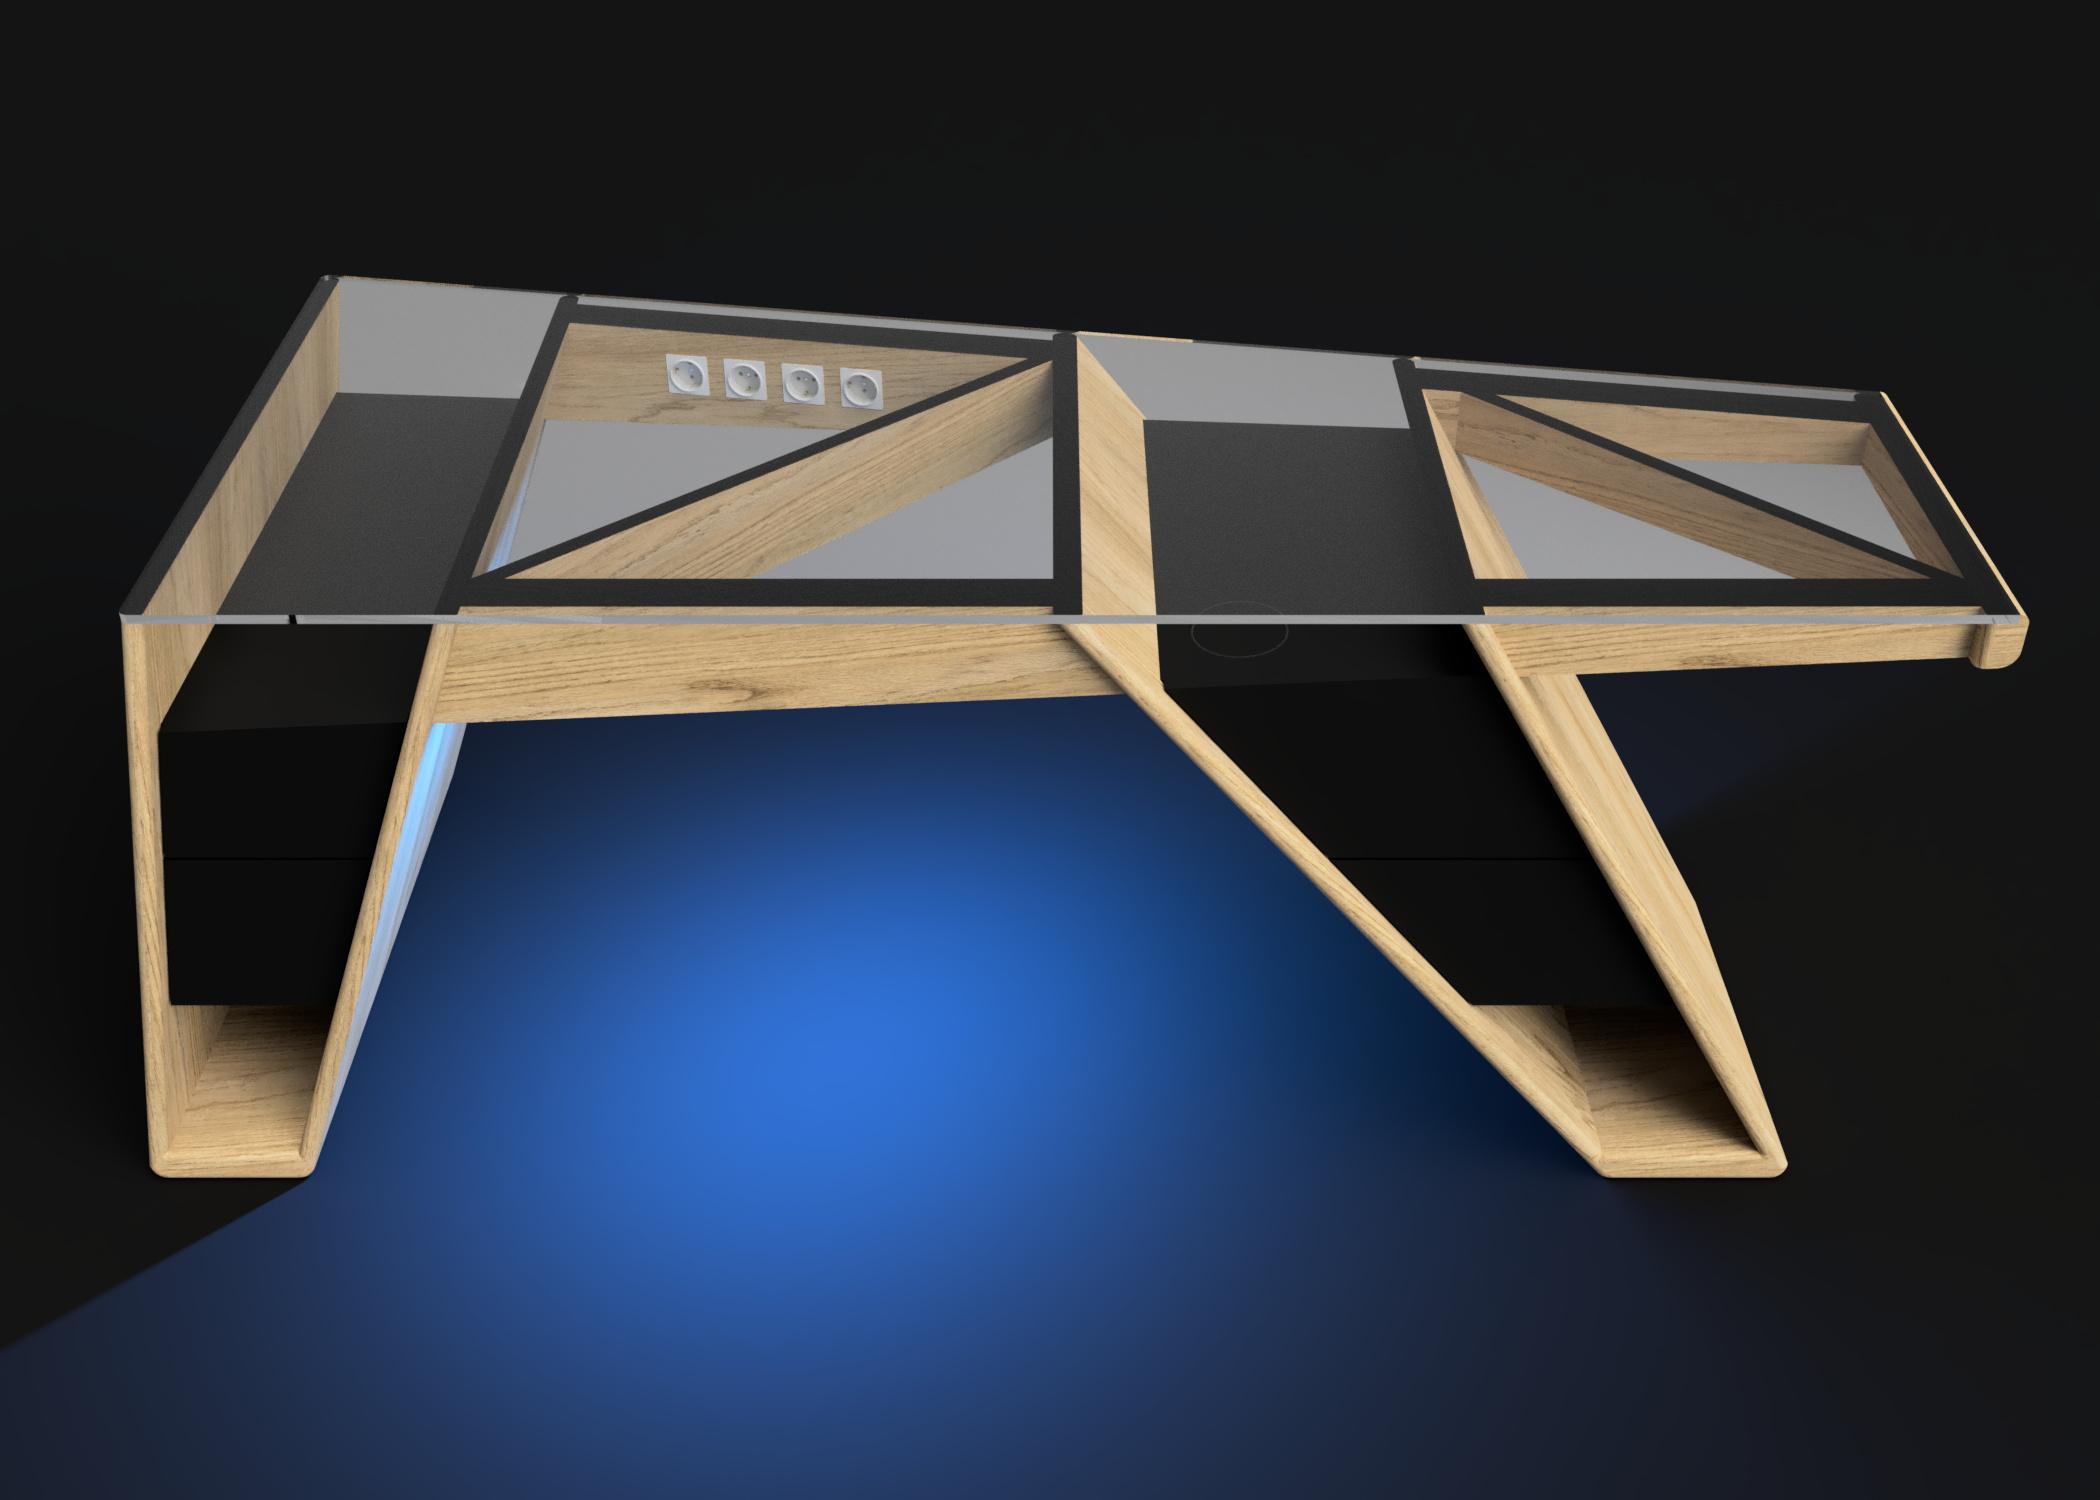 Mesa modelo Klemm luz azul